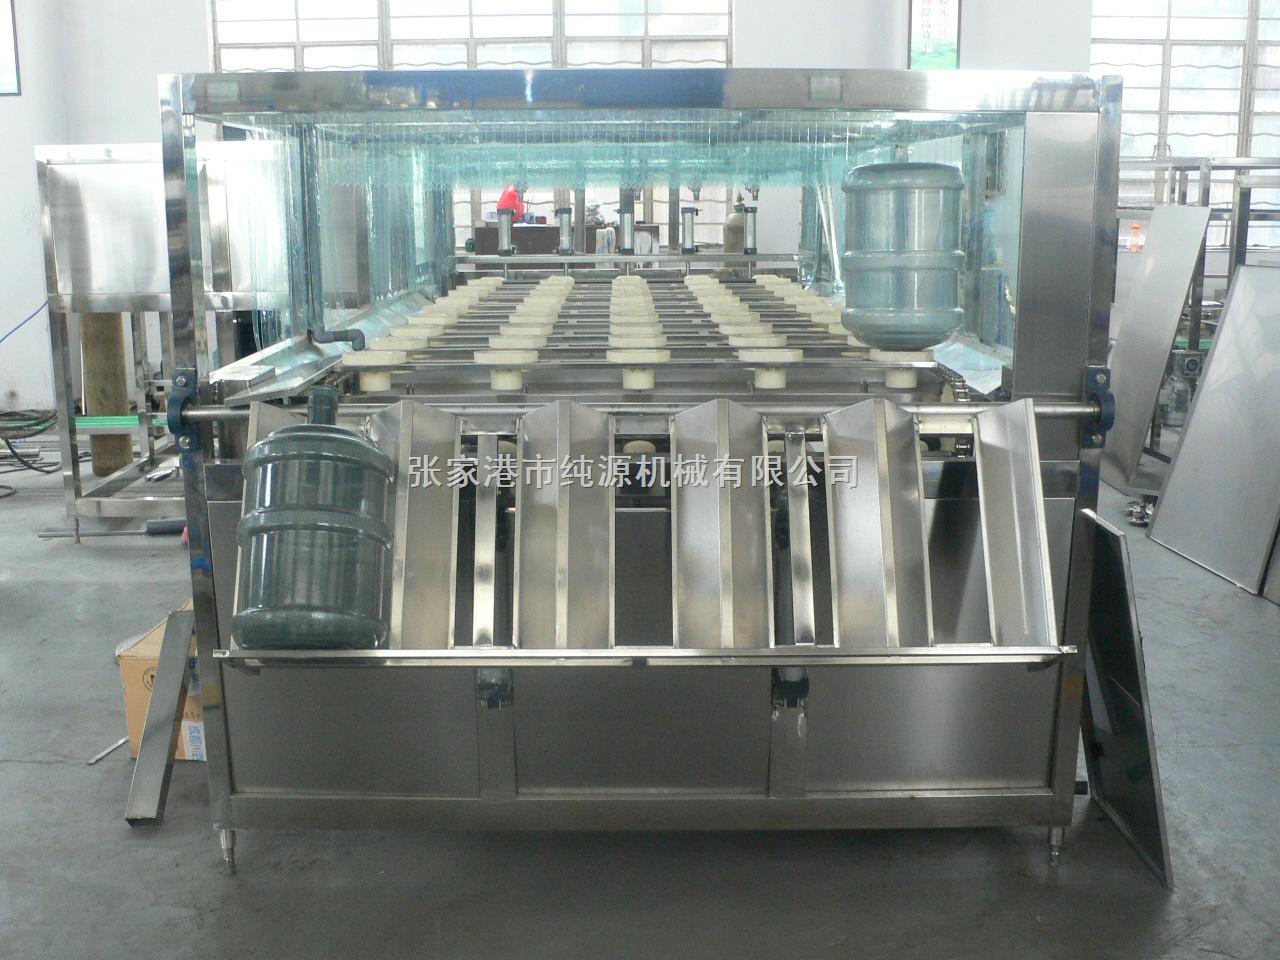 大桶水生产线-供求商机-张家港市纯源机械有限公司